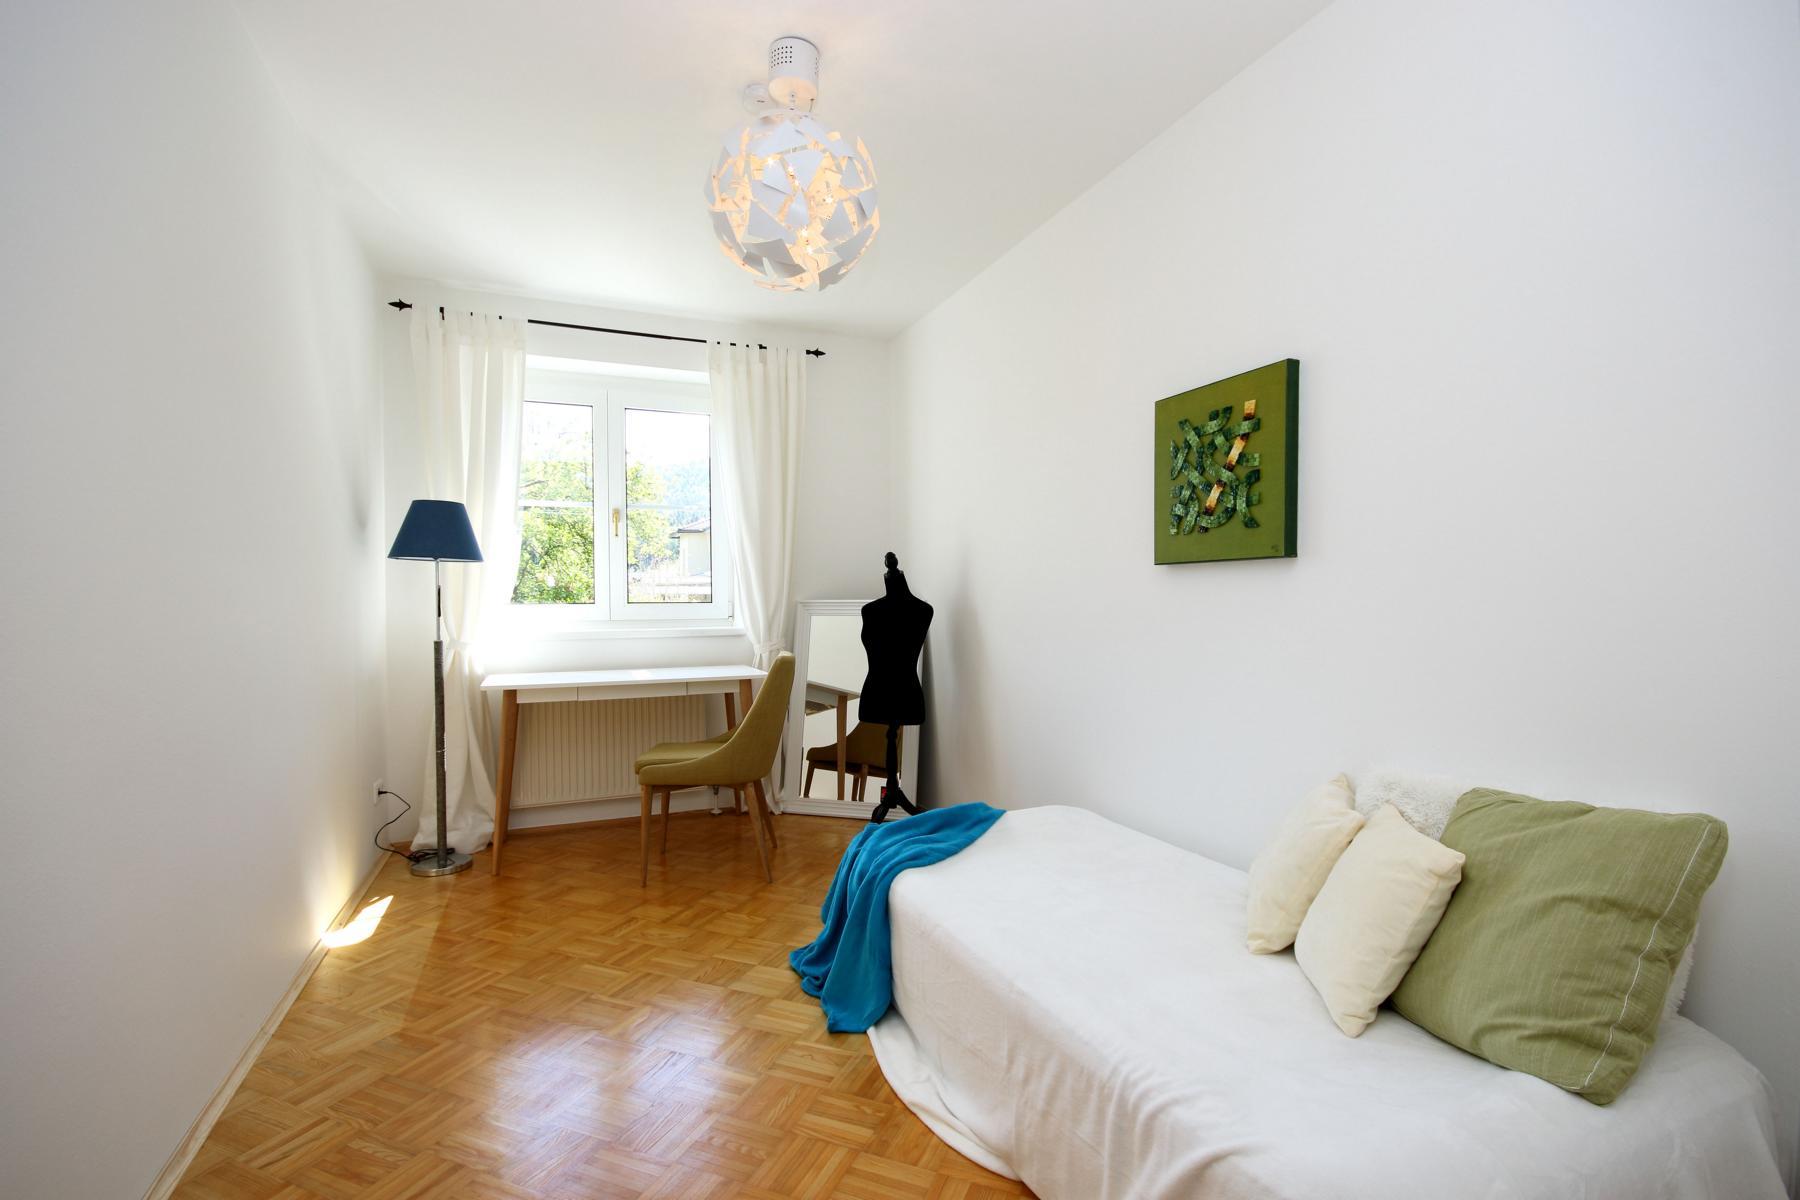 Gartenwohnung Villach-Völkendorf